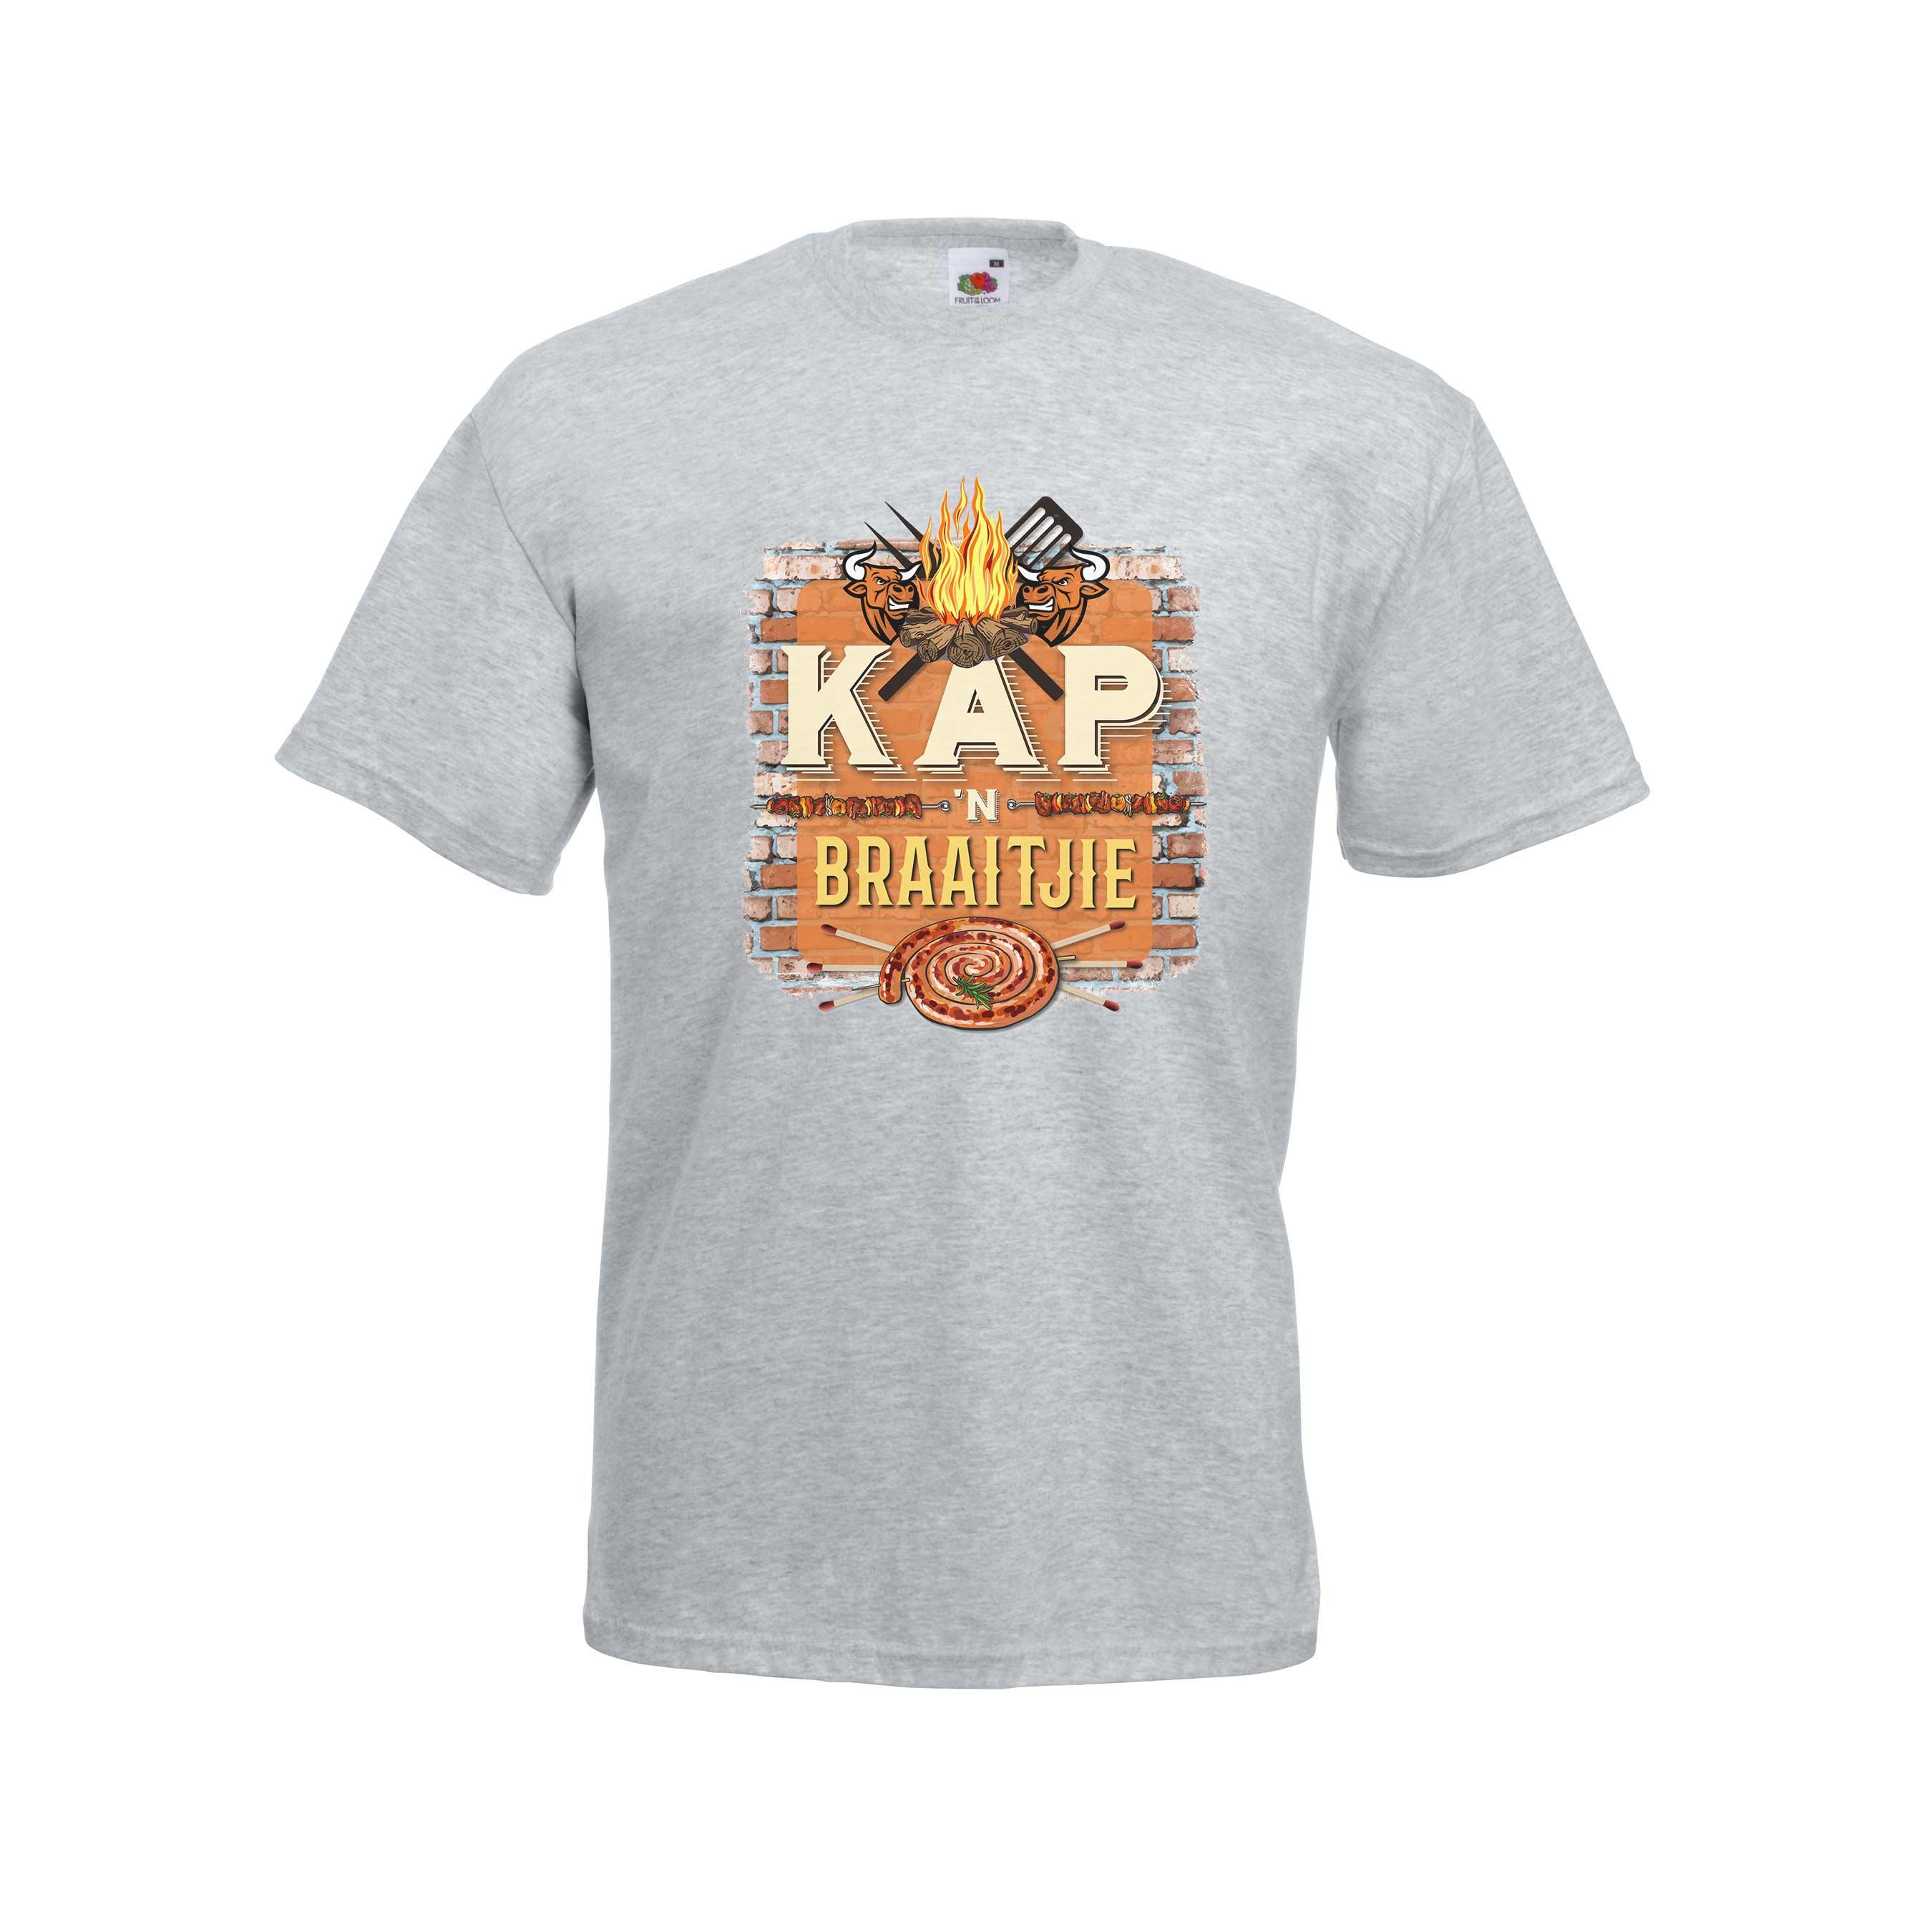 Braaitjie design for t-shirt, hoodie & sweatshirt